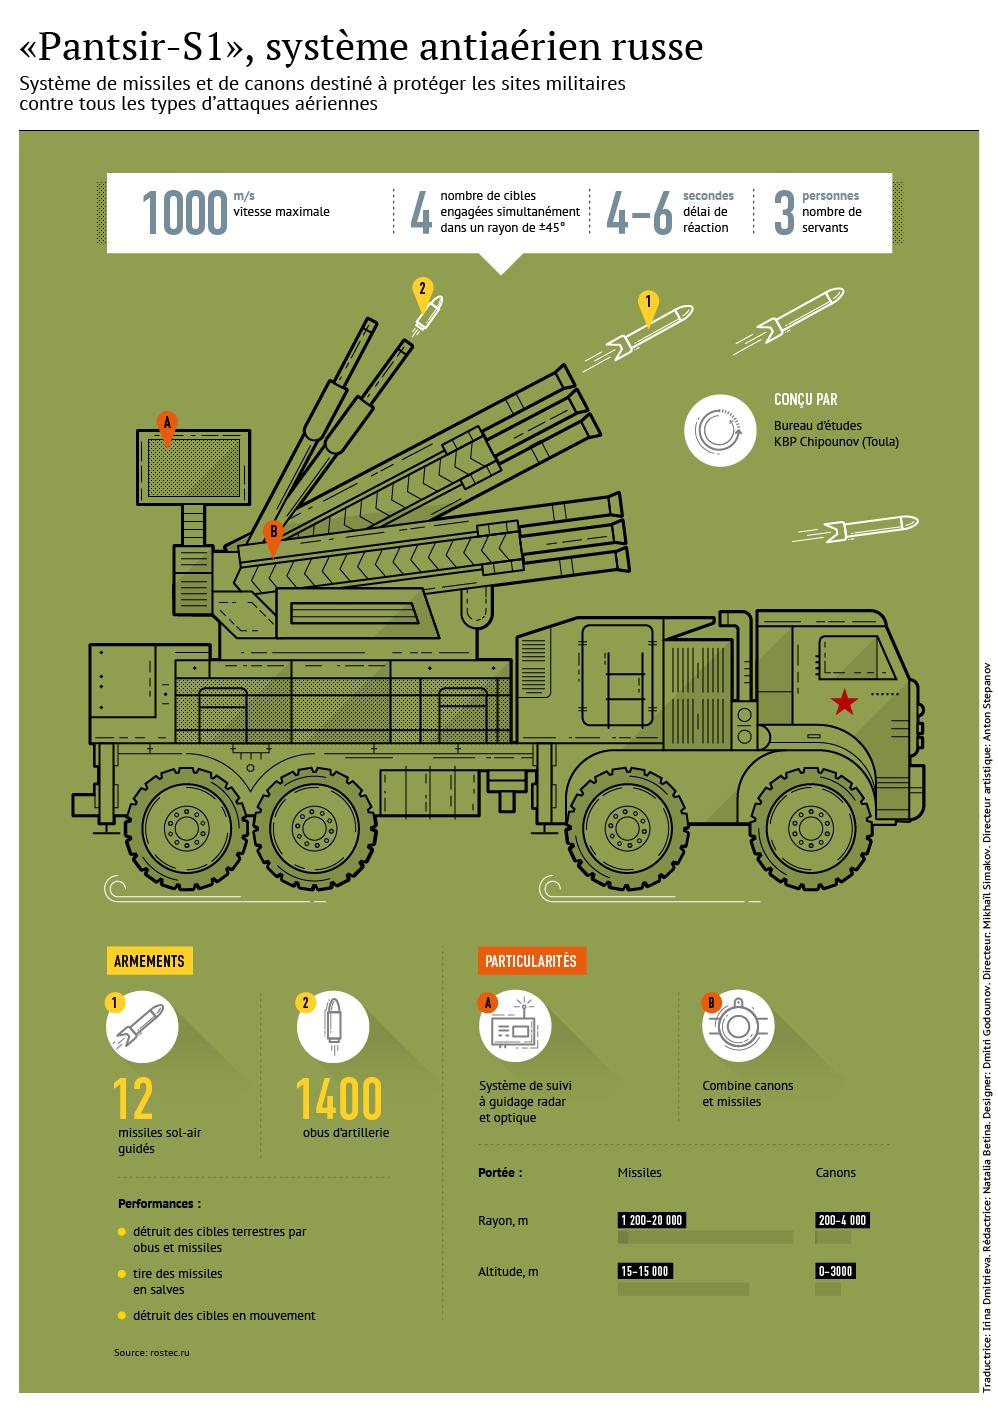 Pantsir-S1, système antiaérien russe